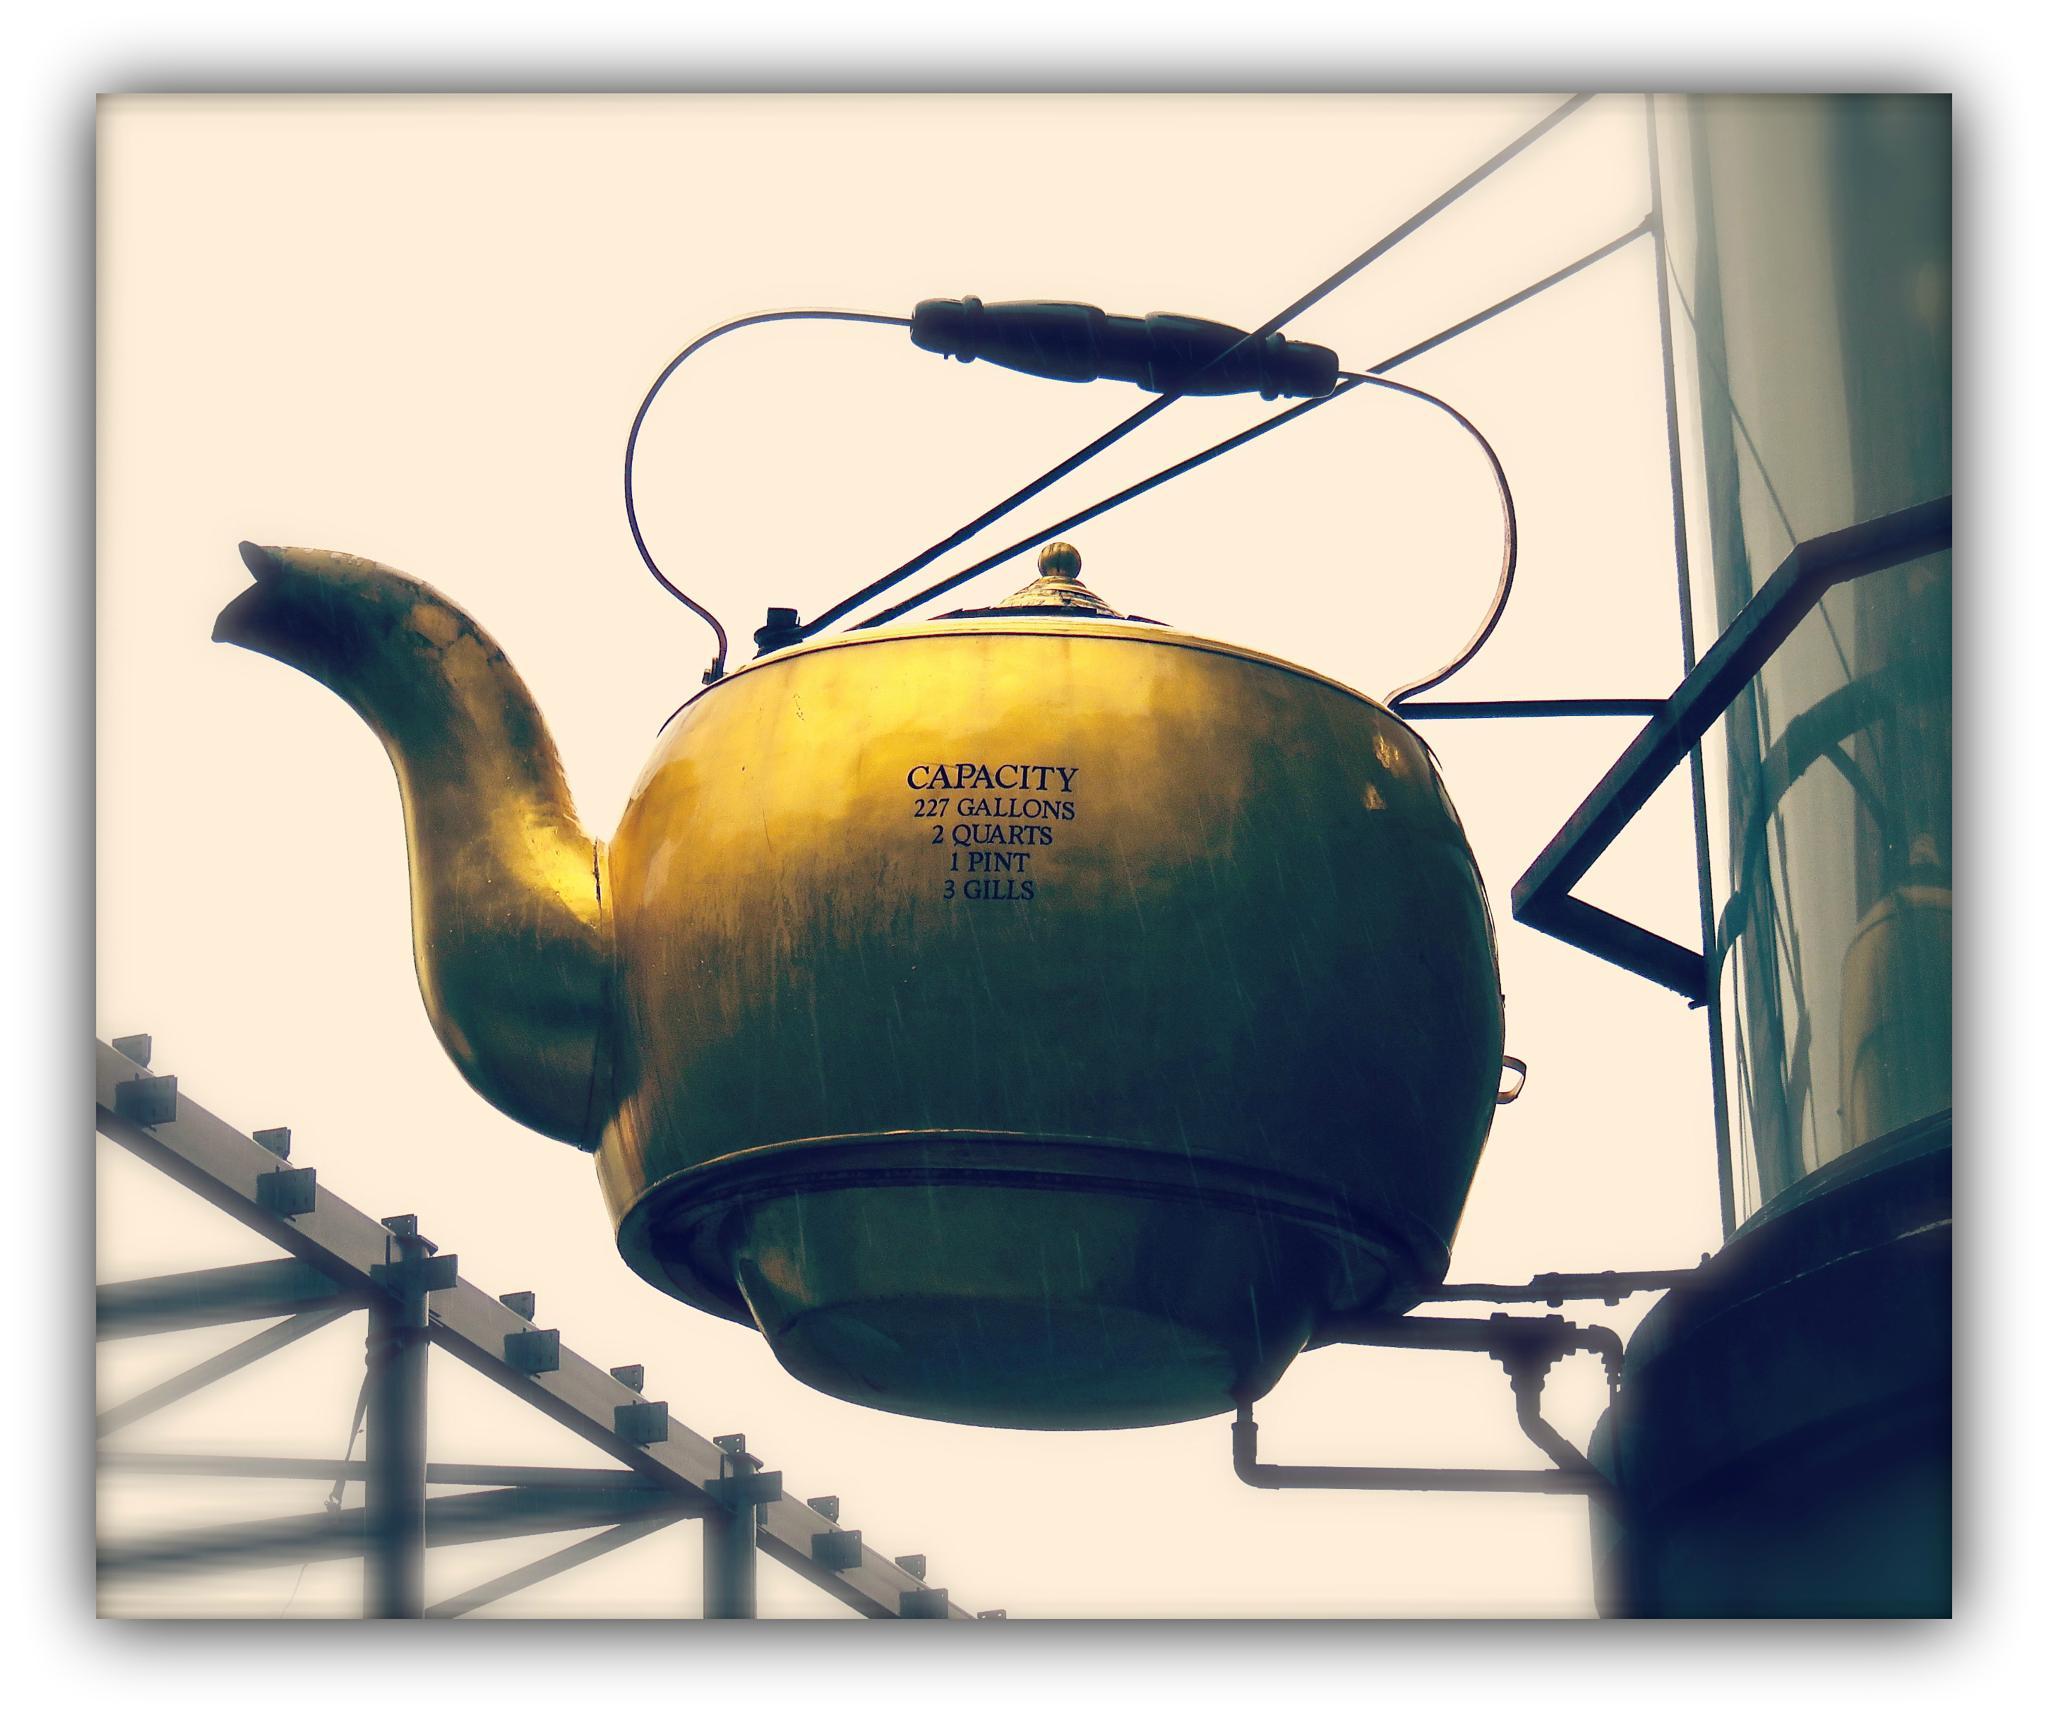 Giant Tea Kettle by Dana Wiehl